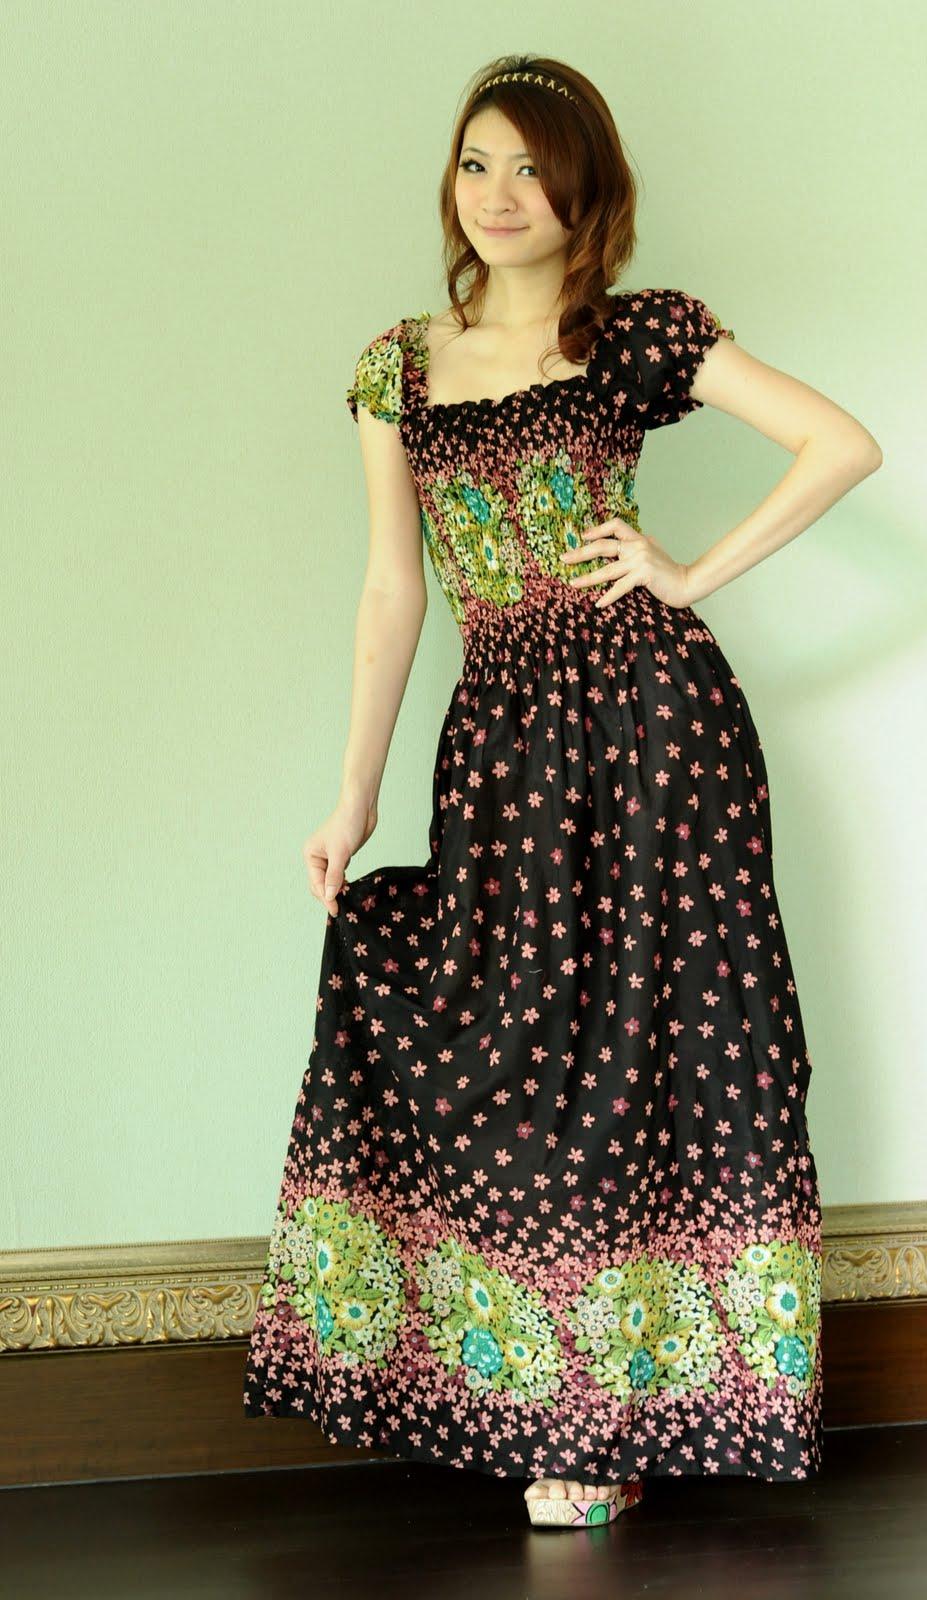 Shopaholics Boutique Cotton Maxi Long Dress